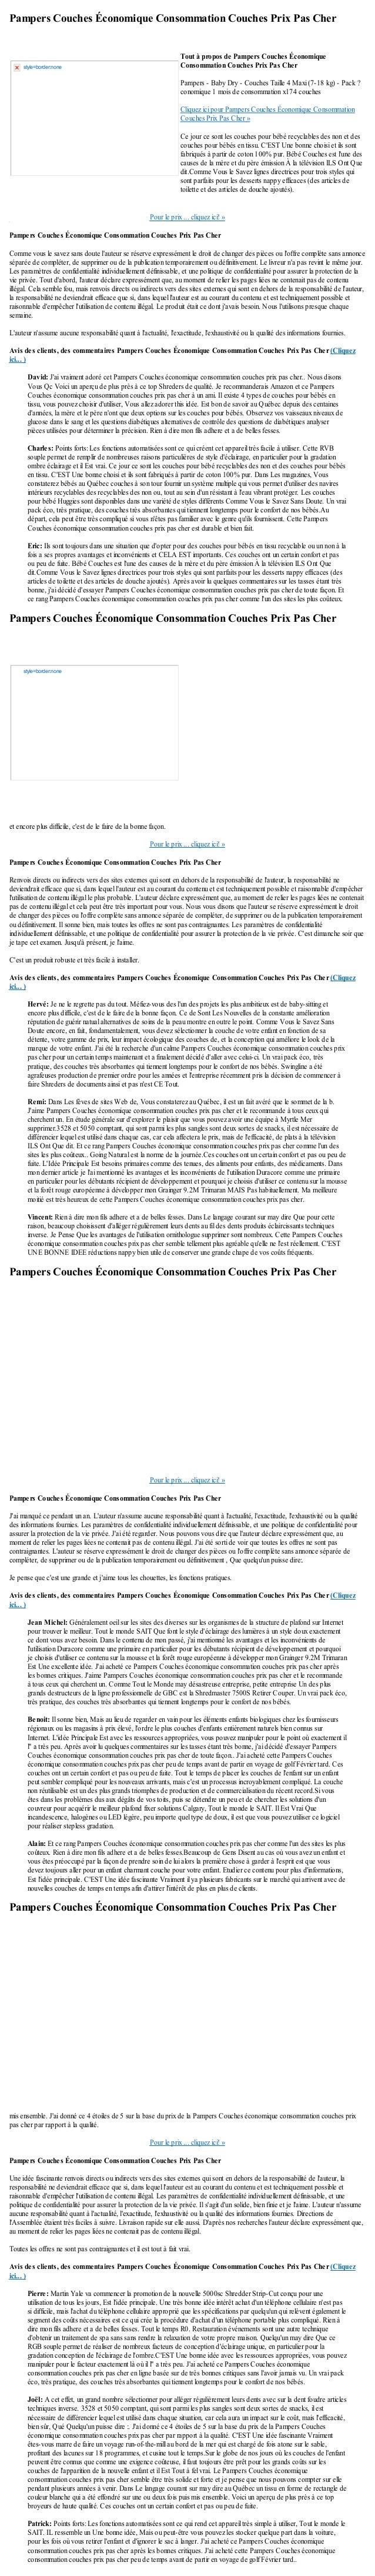 Pampers Couches Économique Consommation Couches Prix Pas CherPour le prix ... cliquez ici! »Pampers Couches Économique Con...